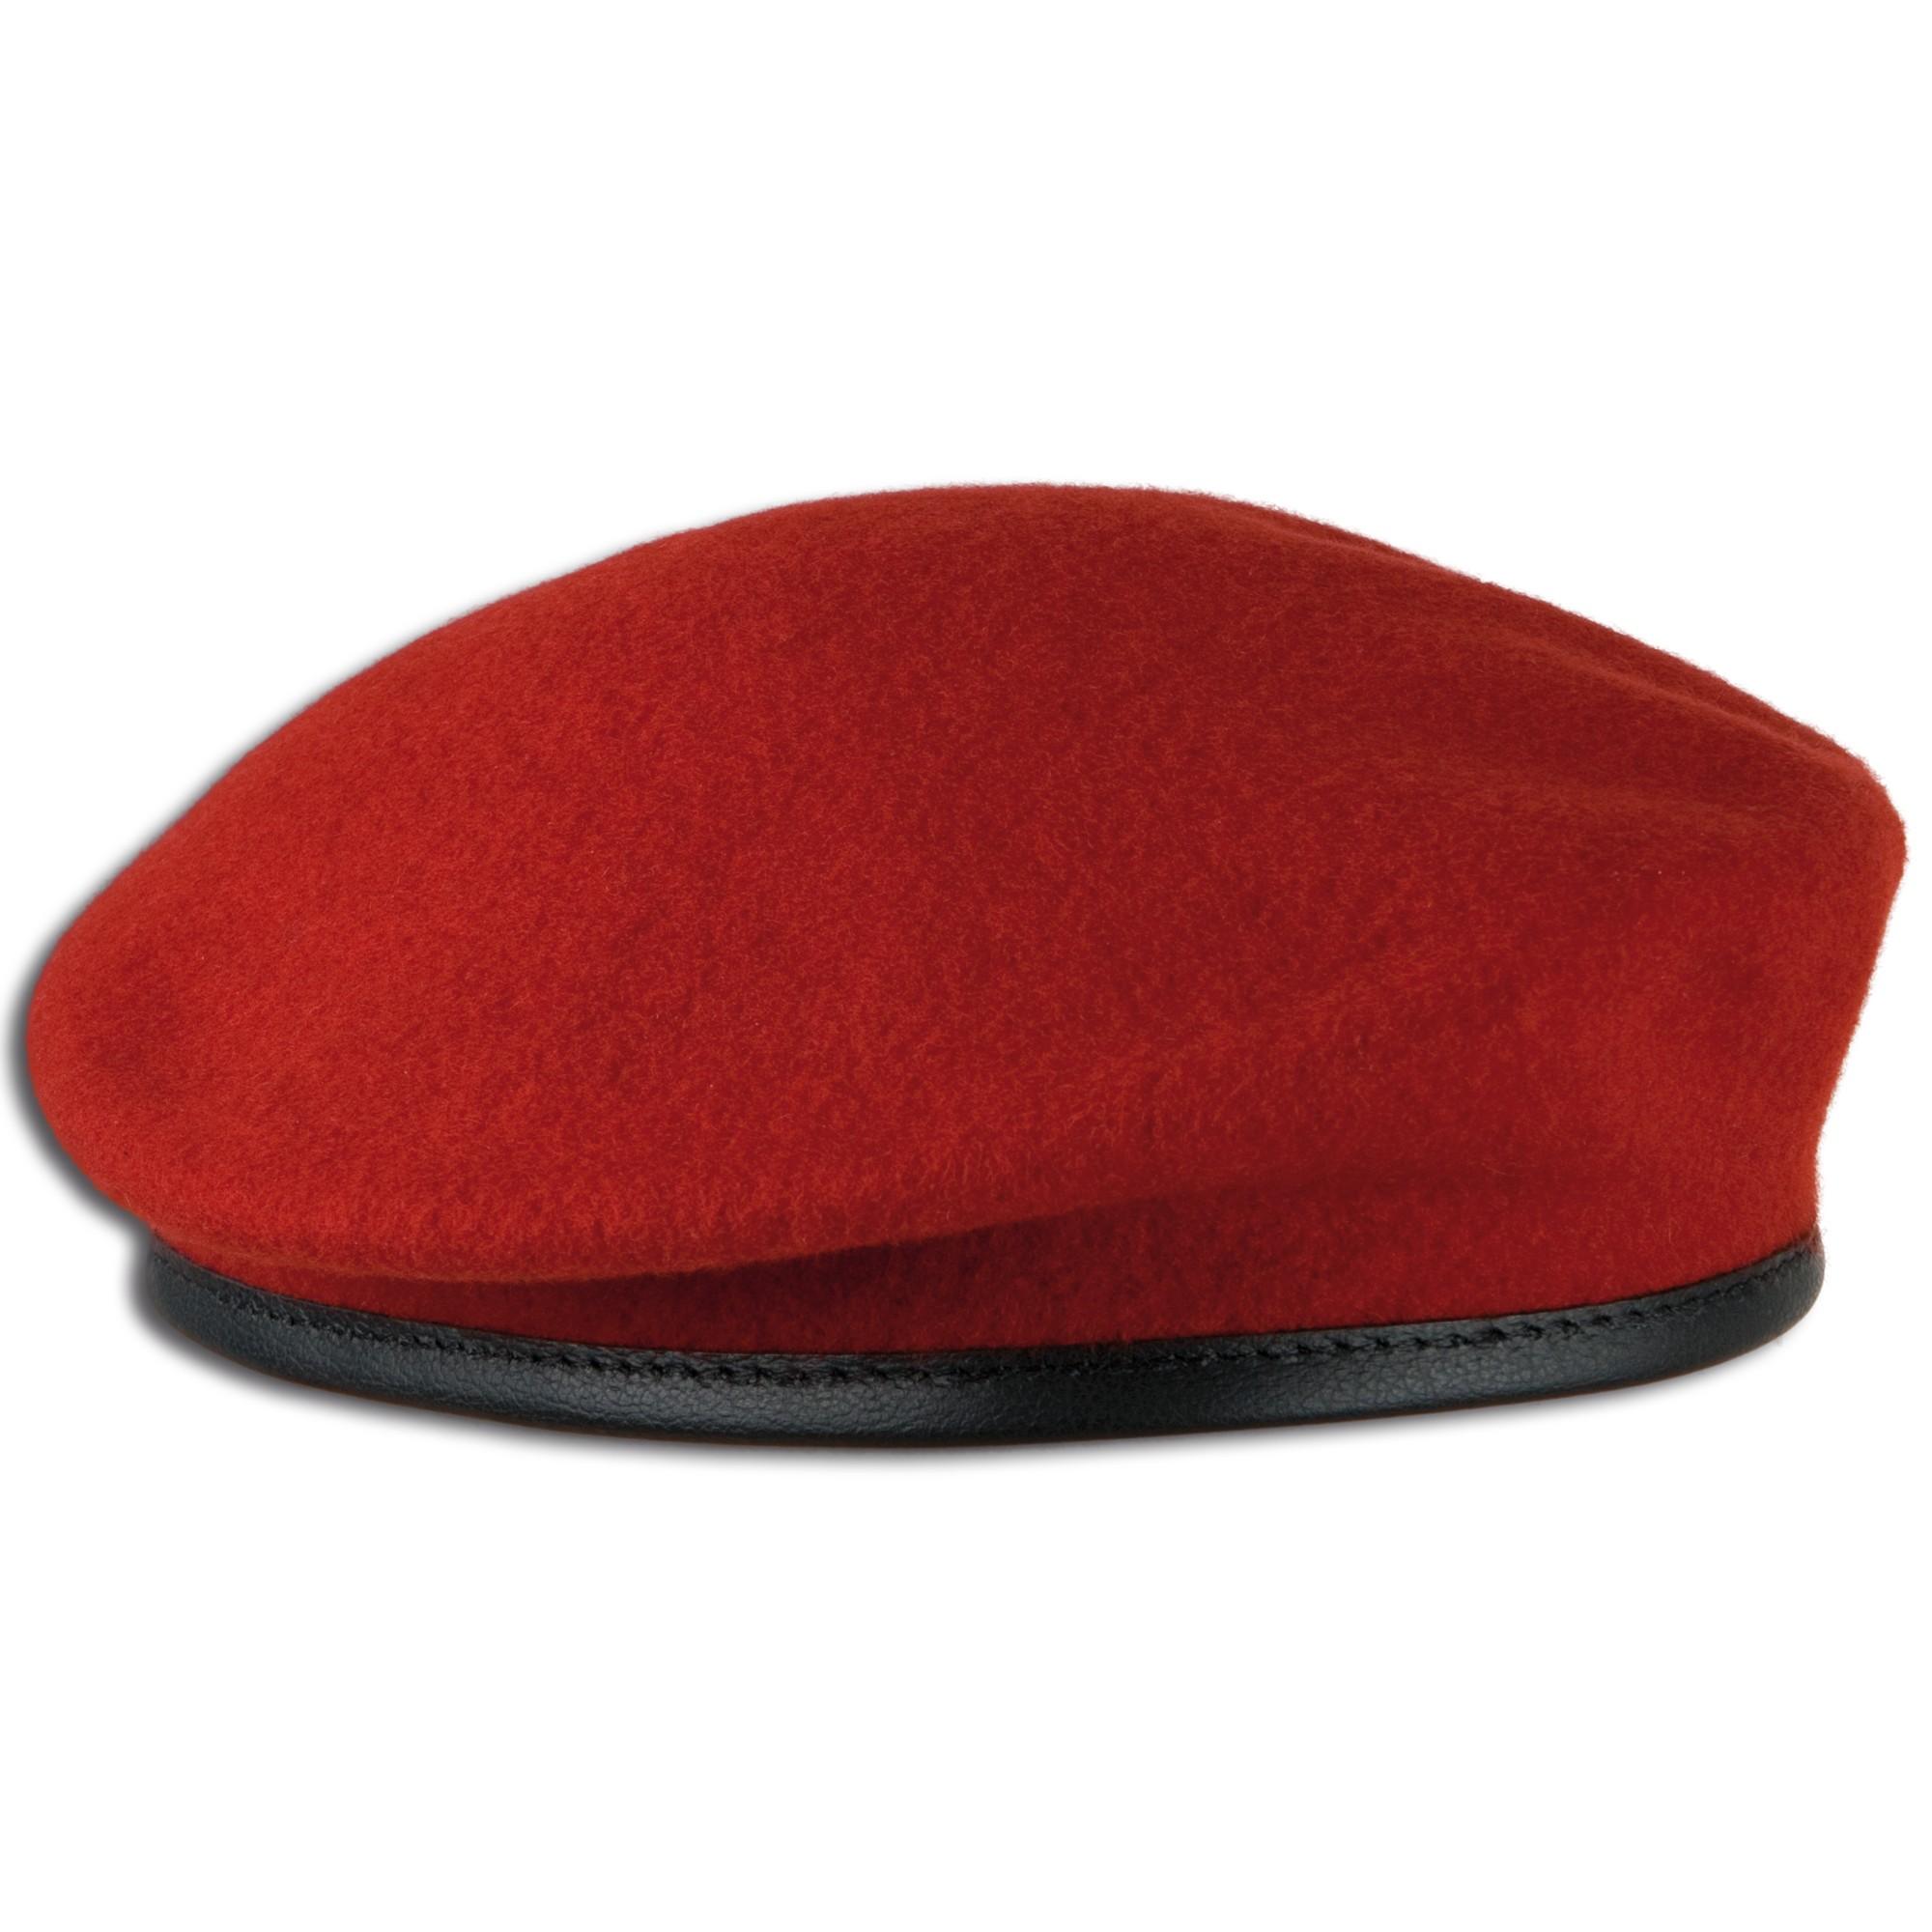 Commando Beret red